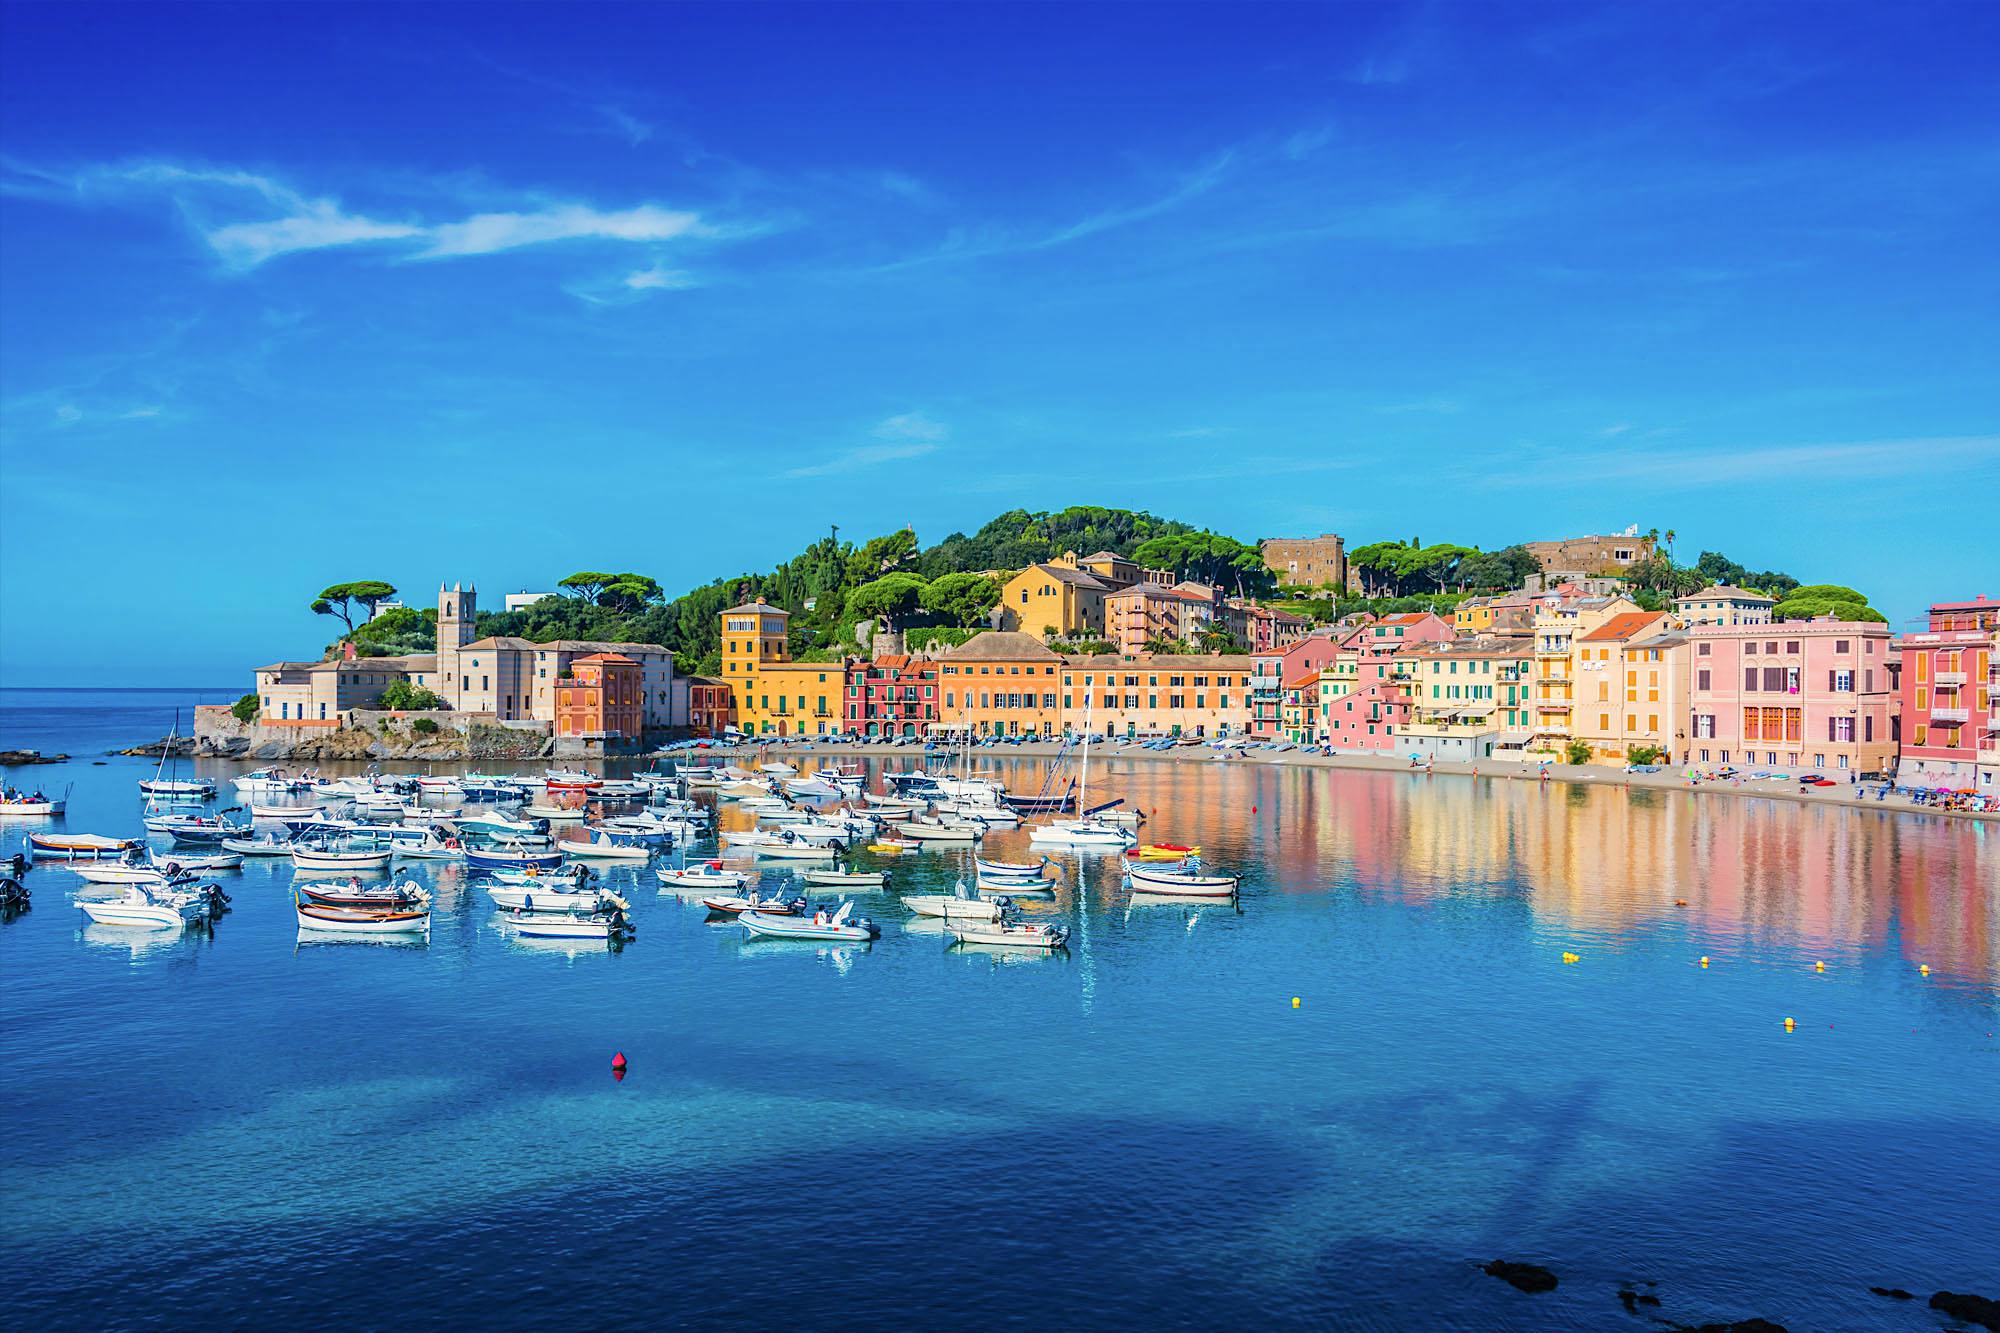 Cesare Charter Portofino - Tour Due Golfi, Sestri Levante